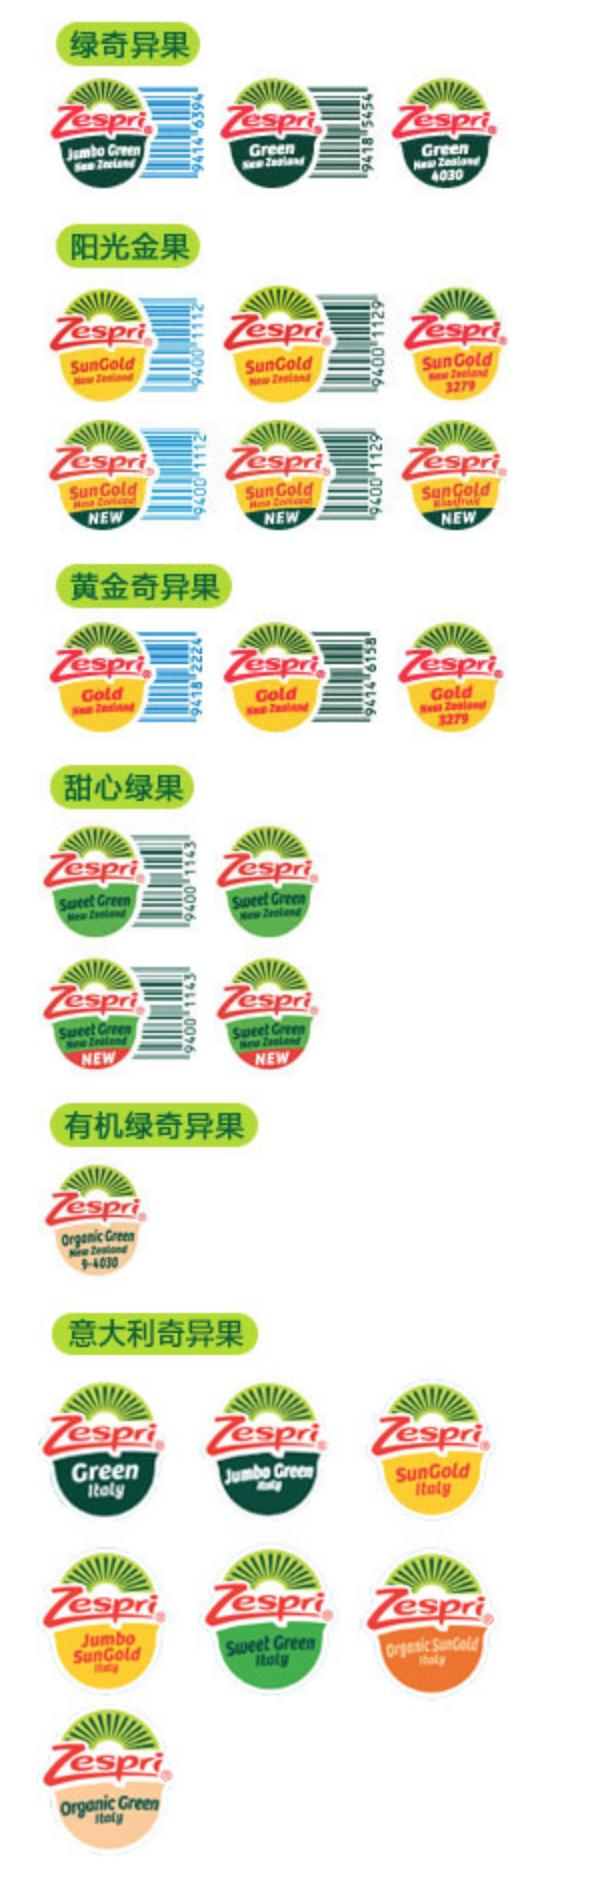 baozhuangicon